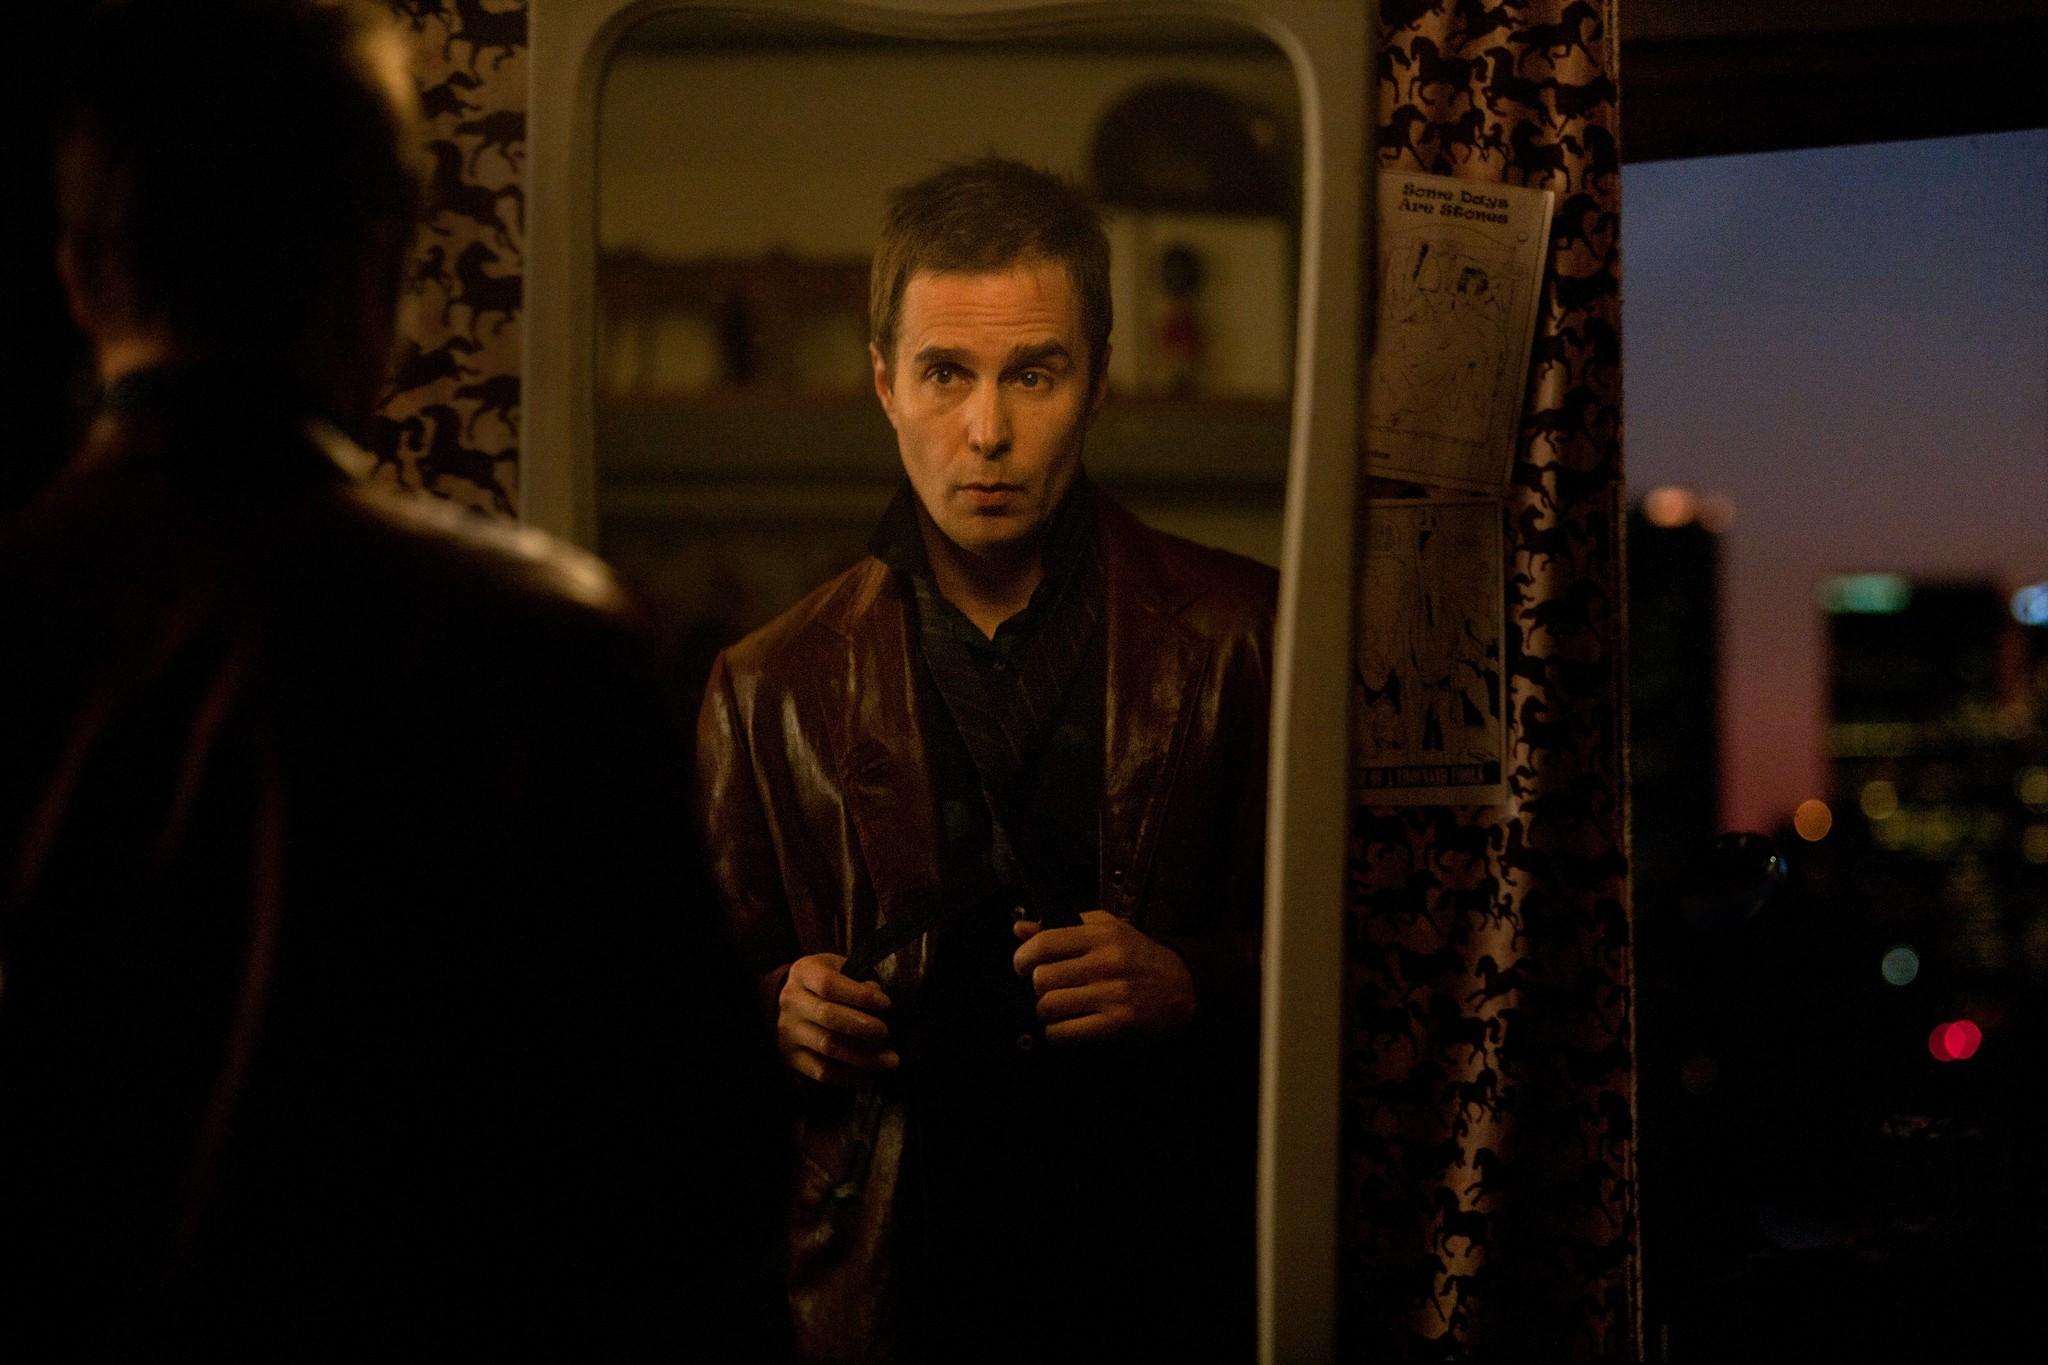 кадры из фильма Семь психопатов Сэм Рокуэлл,